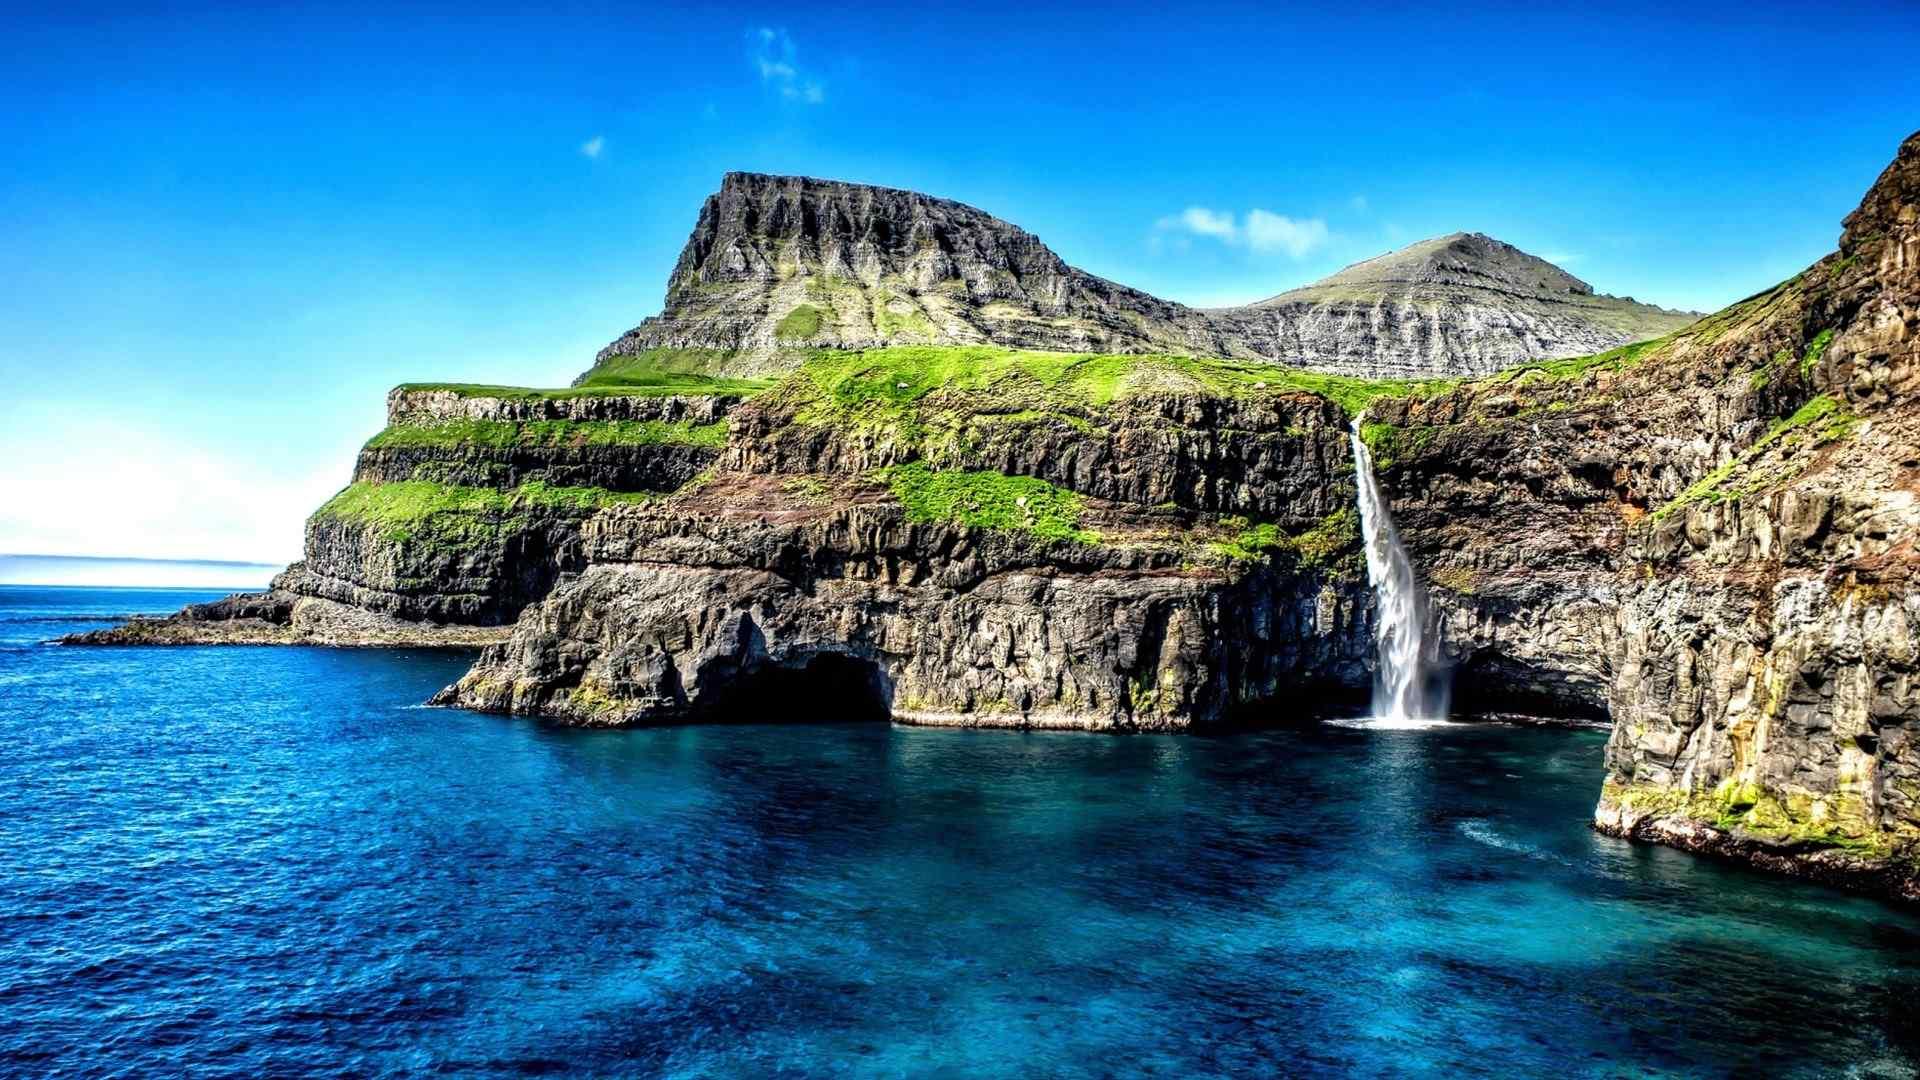 清新的蓝天白云高山风景图片壁纸